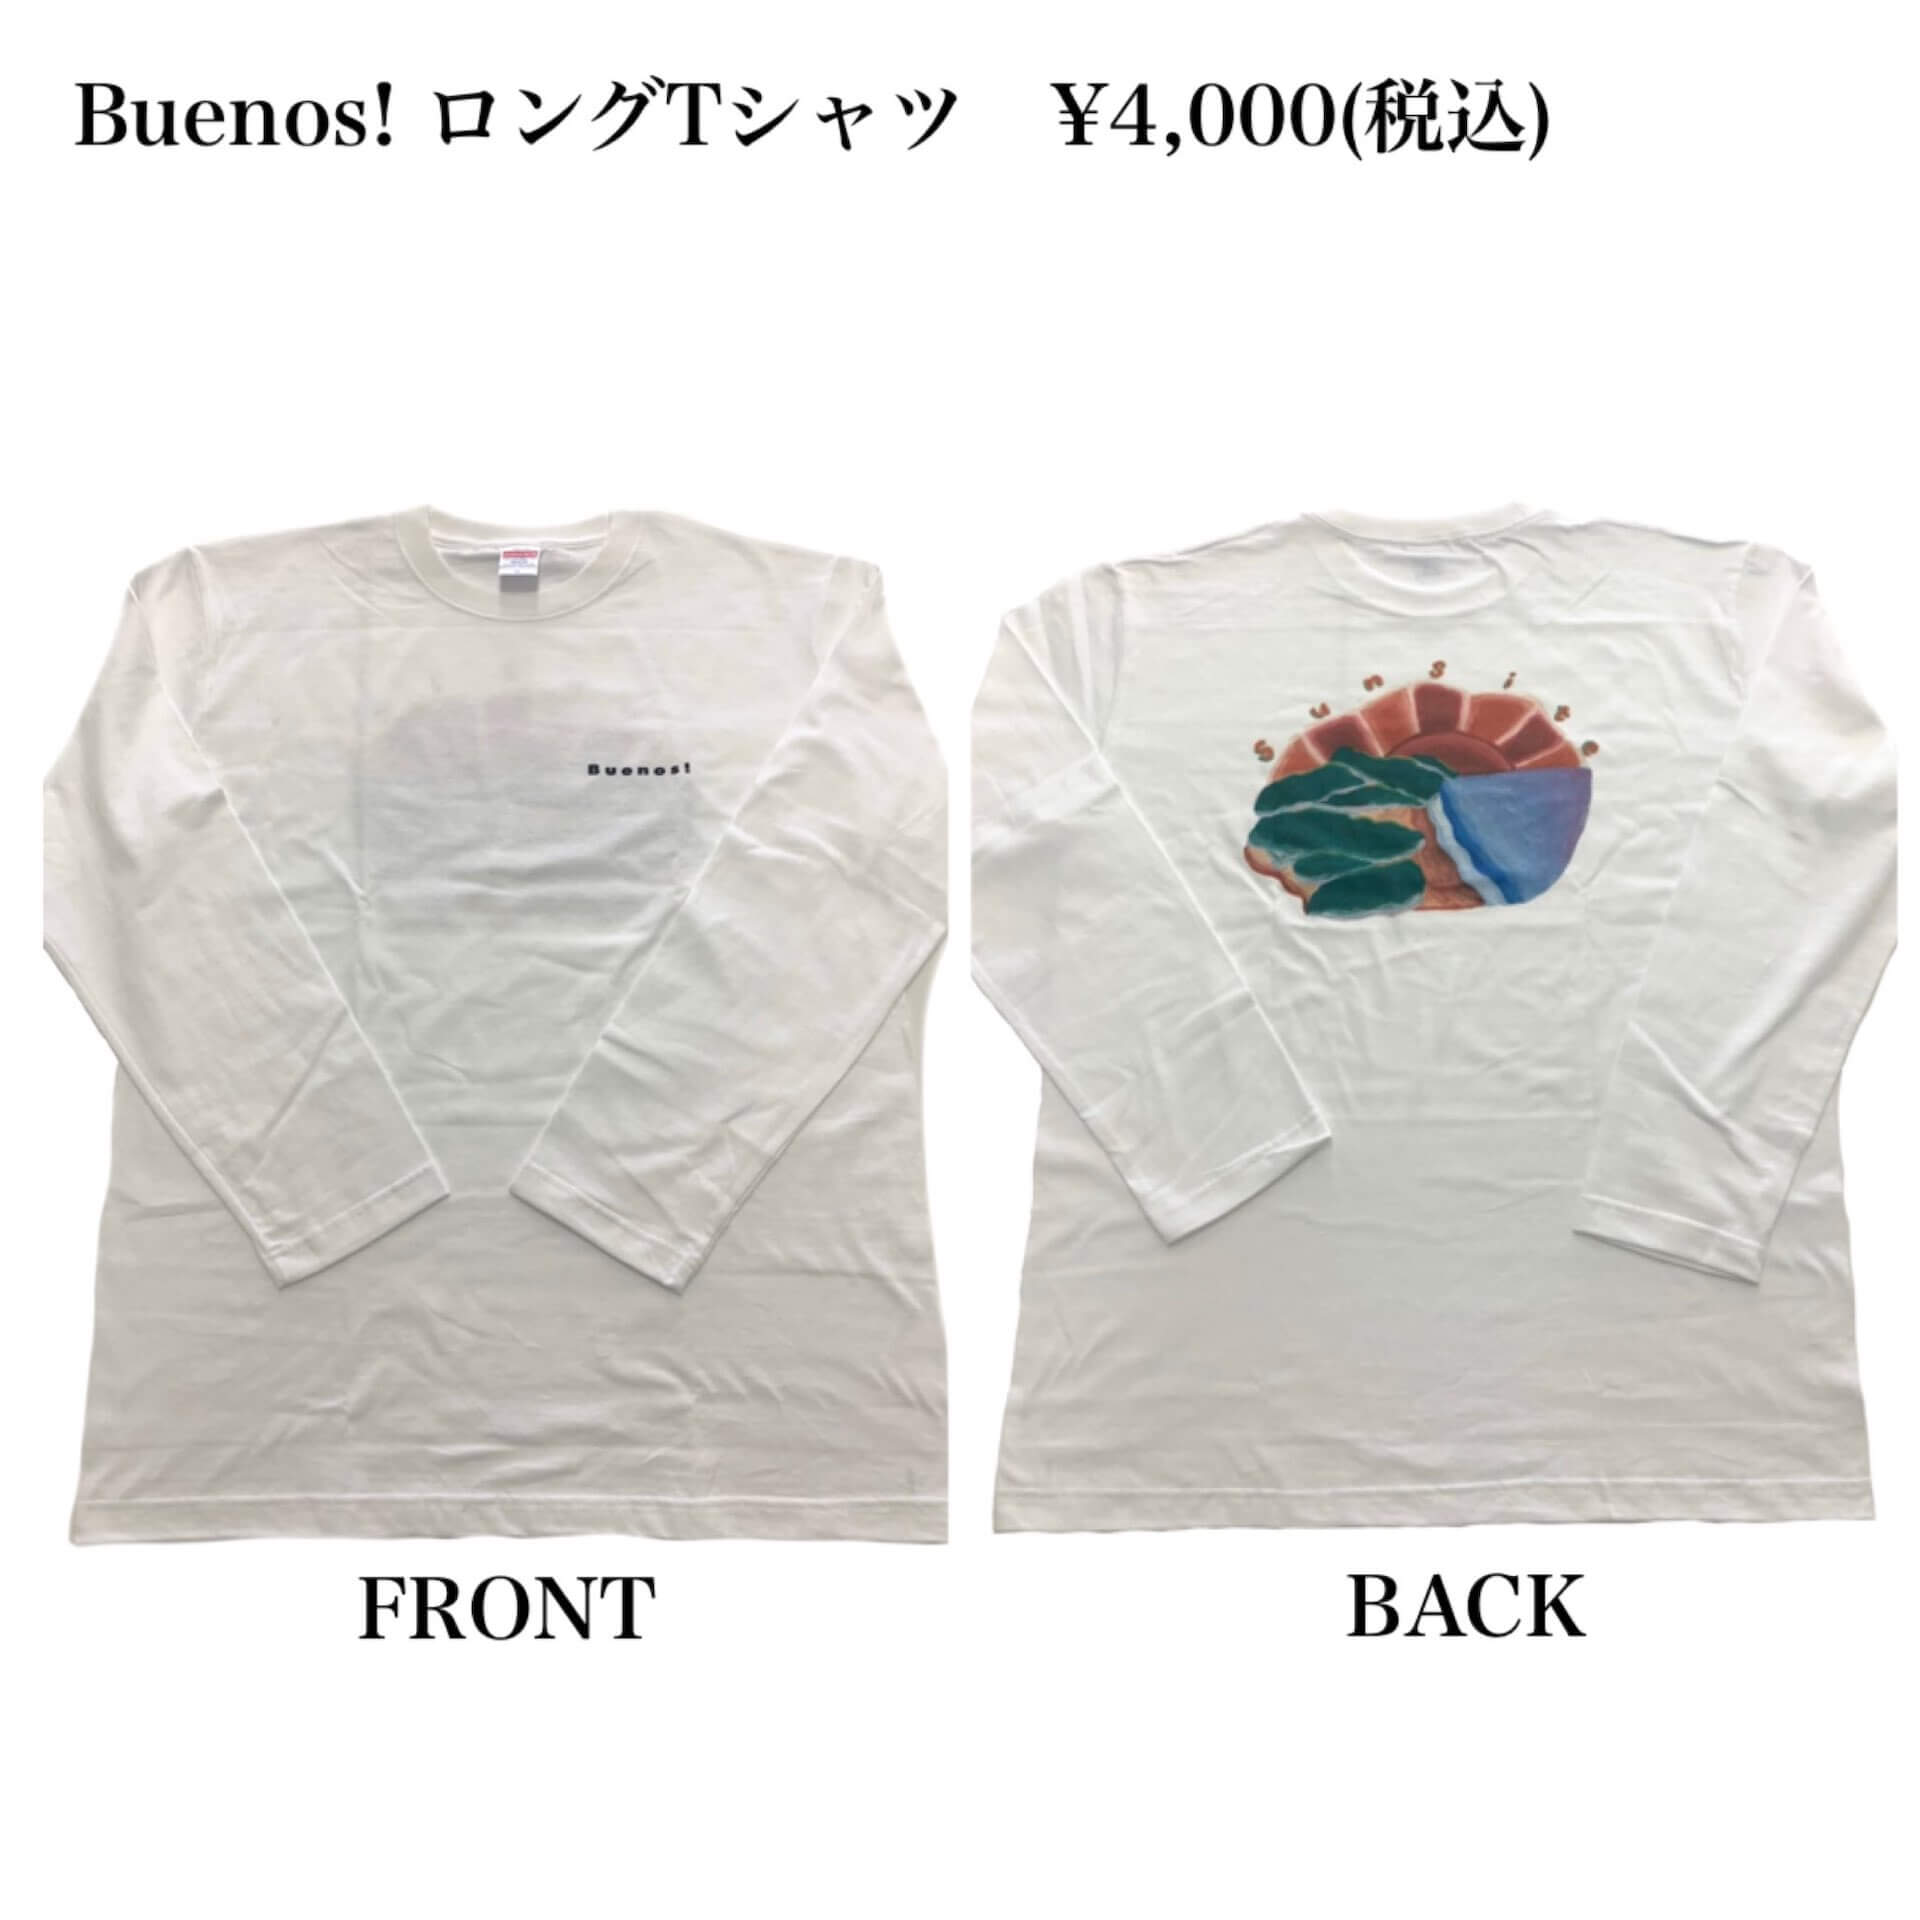 sunsiteの1stアルバム『Buenos!』発売記念!オリジナルTシャツがタワーレコードにて限定販売決定 music210506_sunsite-210506_4